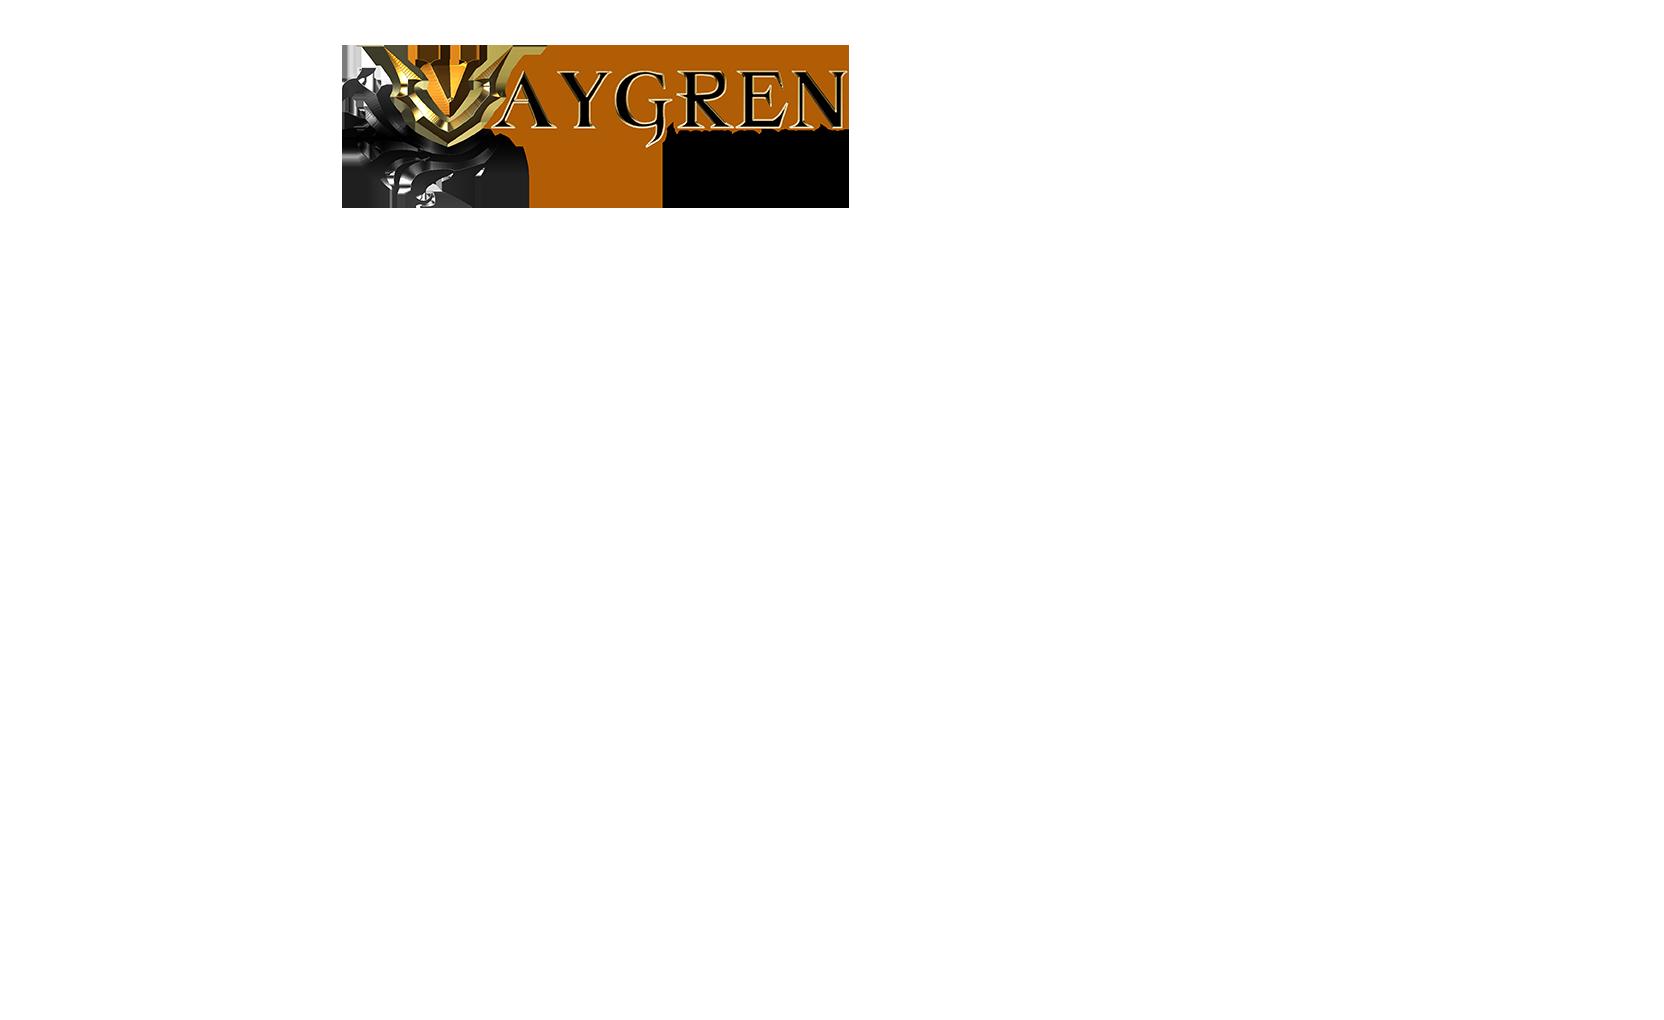 header logo - Vaygren